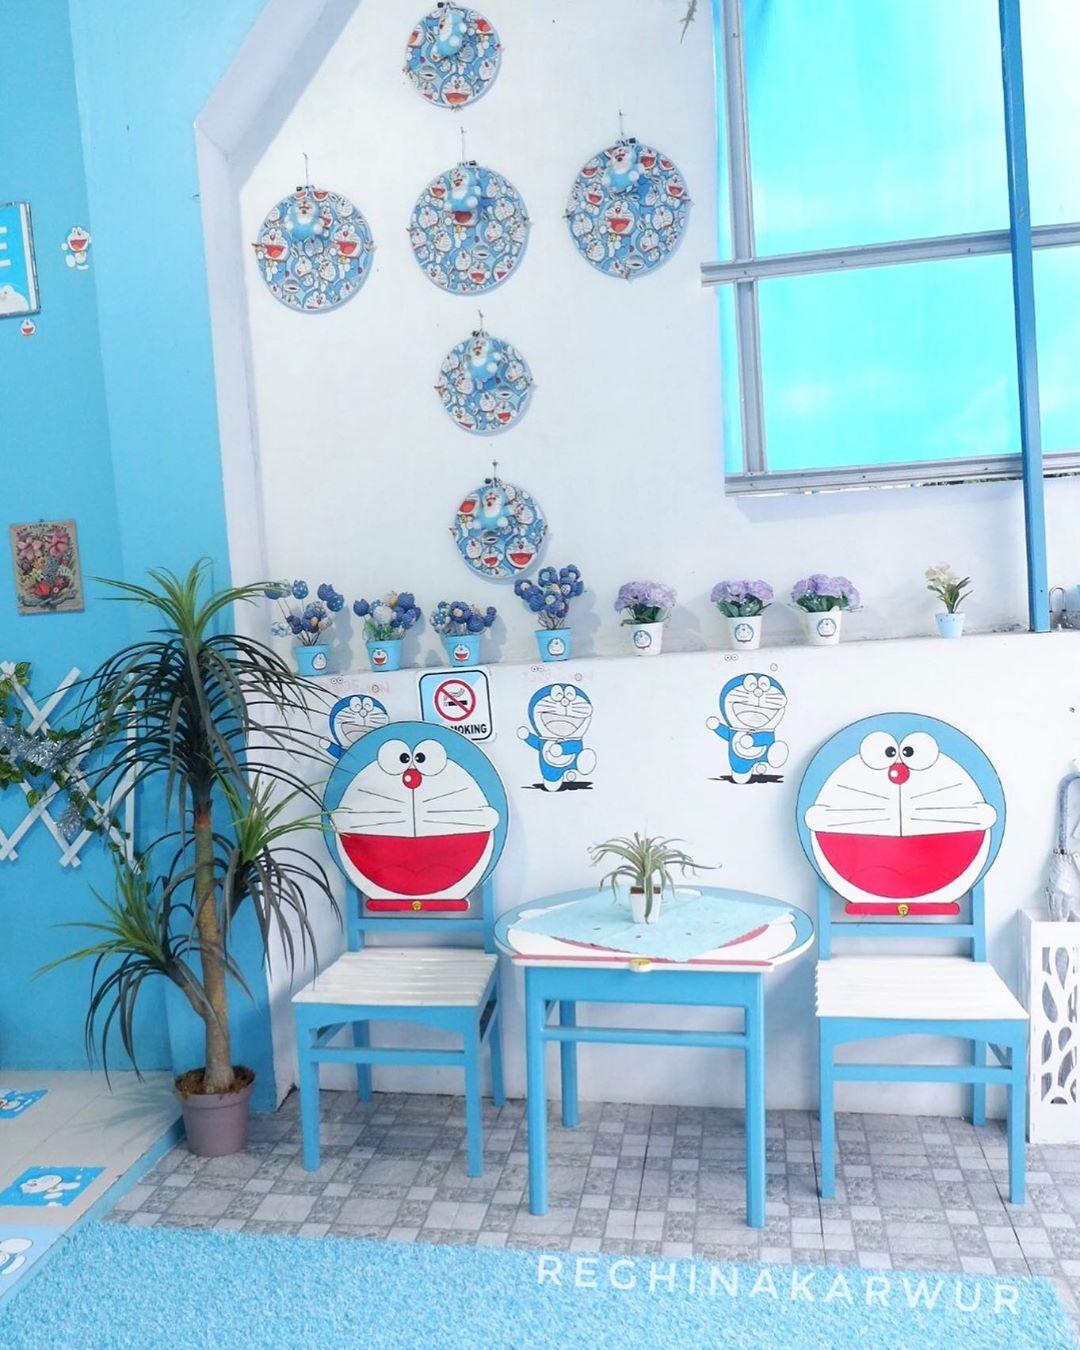 Gambar Model Meja dan Kursi Doraemon